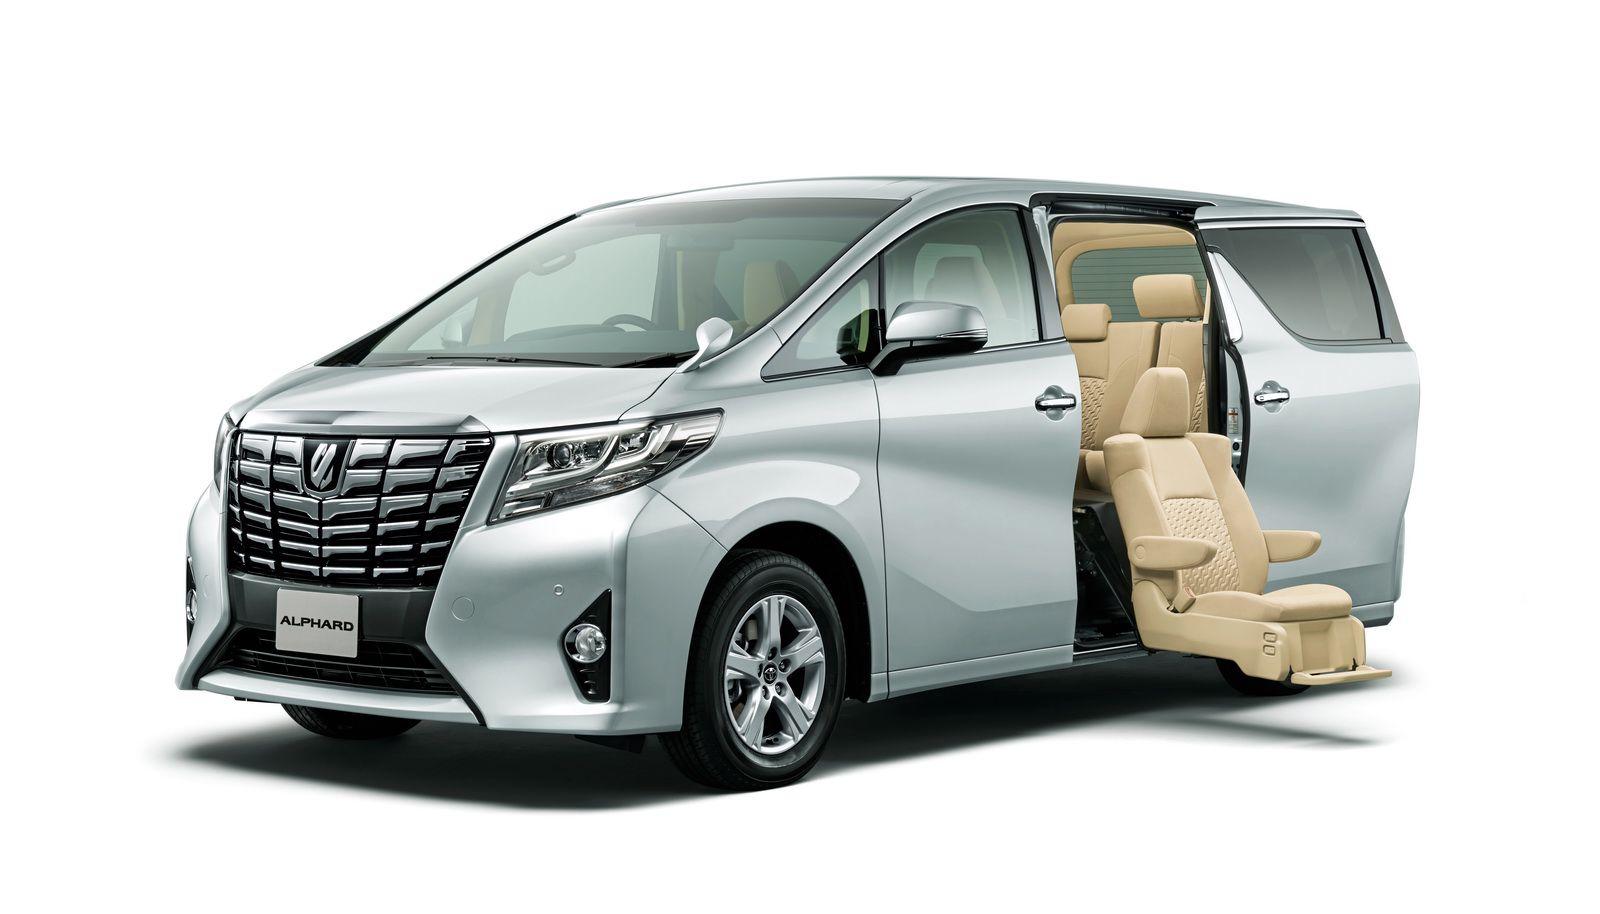 Harga Rental Sewa Mobil Toyota Alphard Surabaya Murah